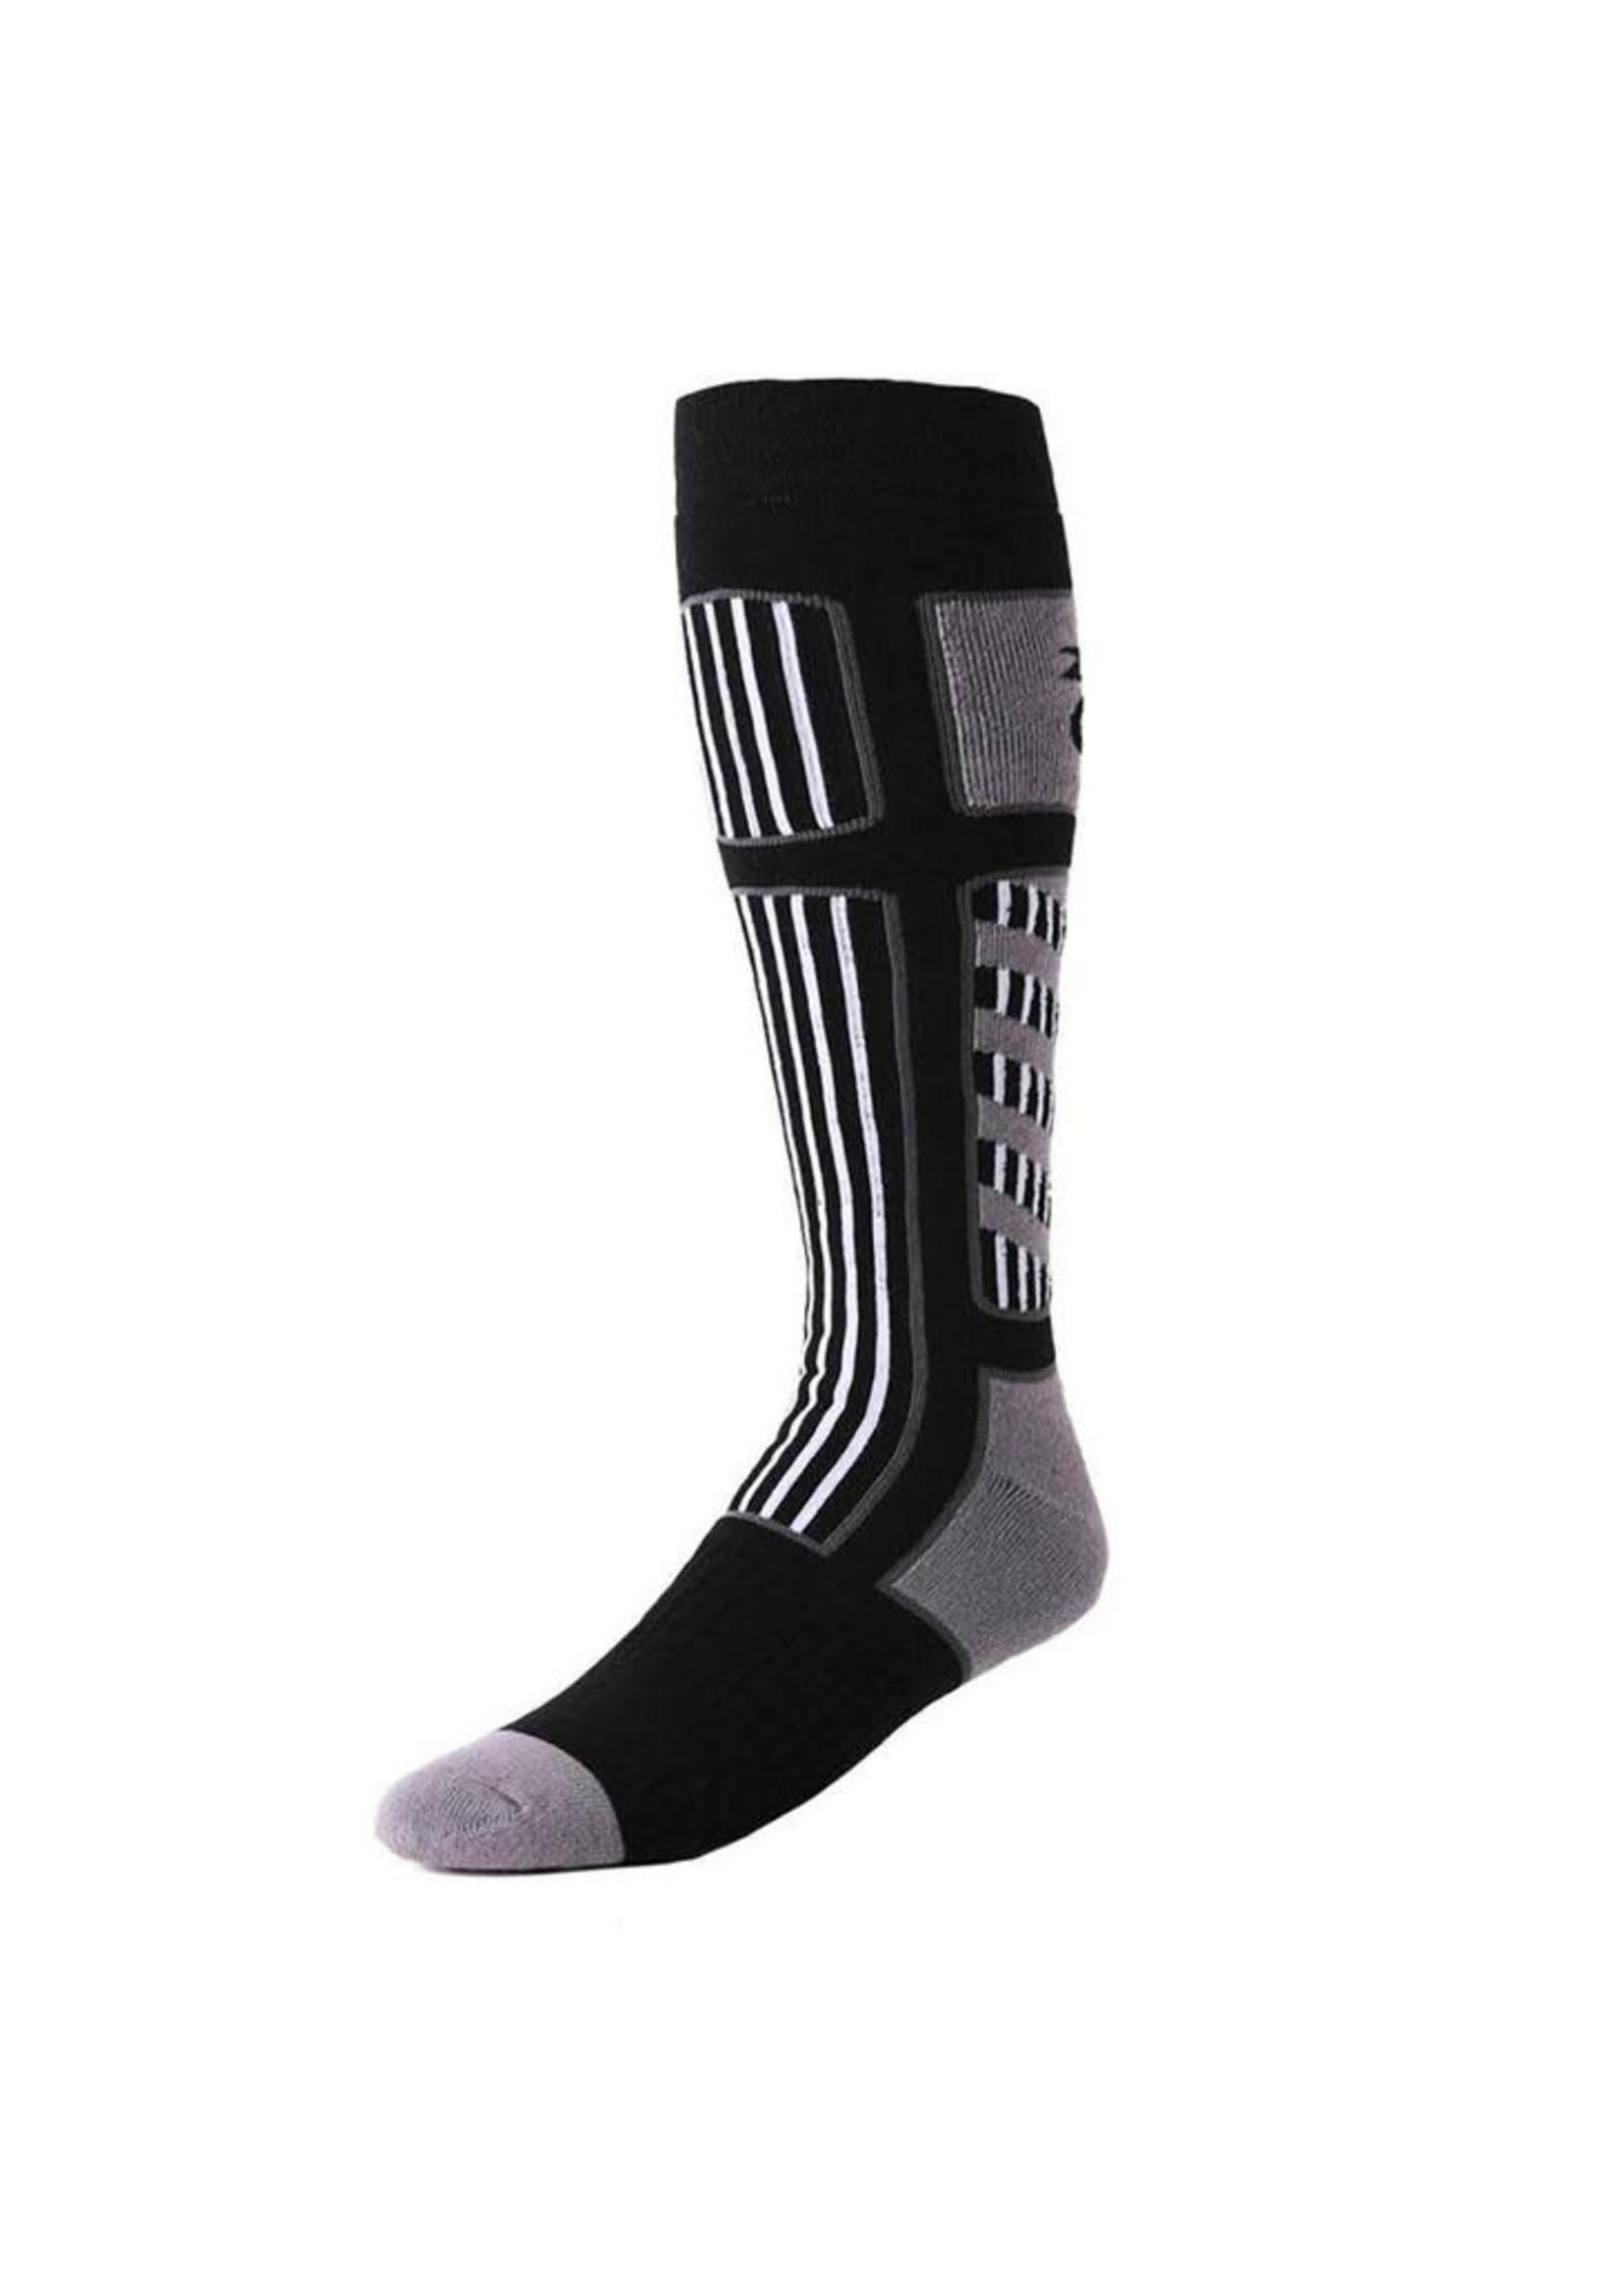 Nasty Pig Nasty Pig Visibility Socks